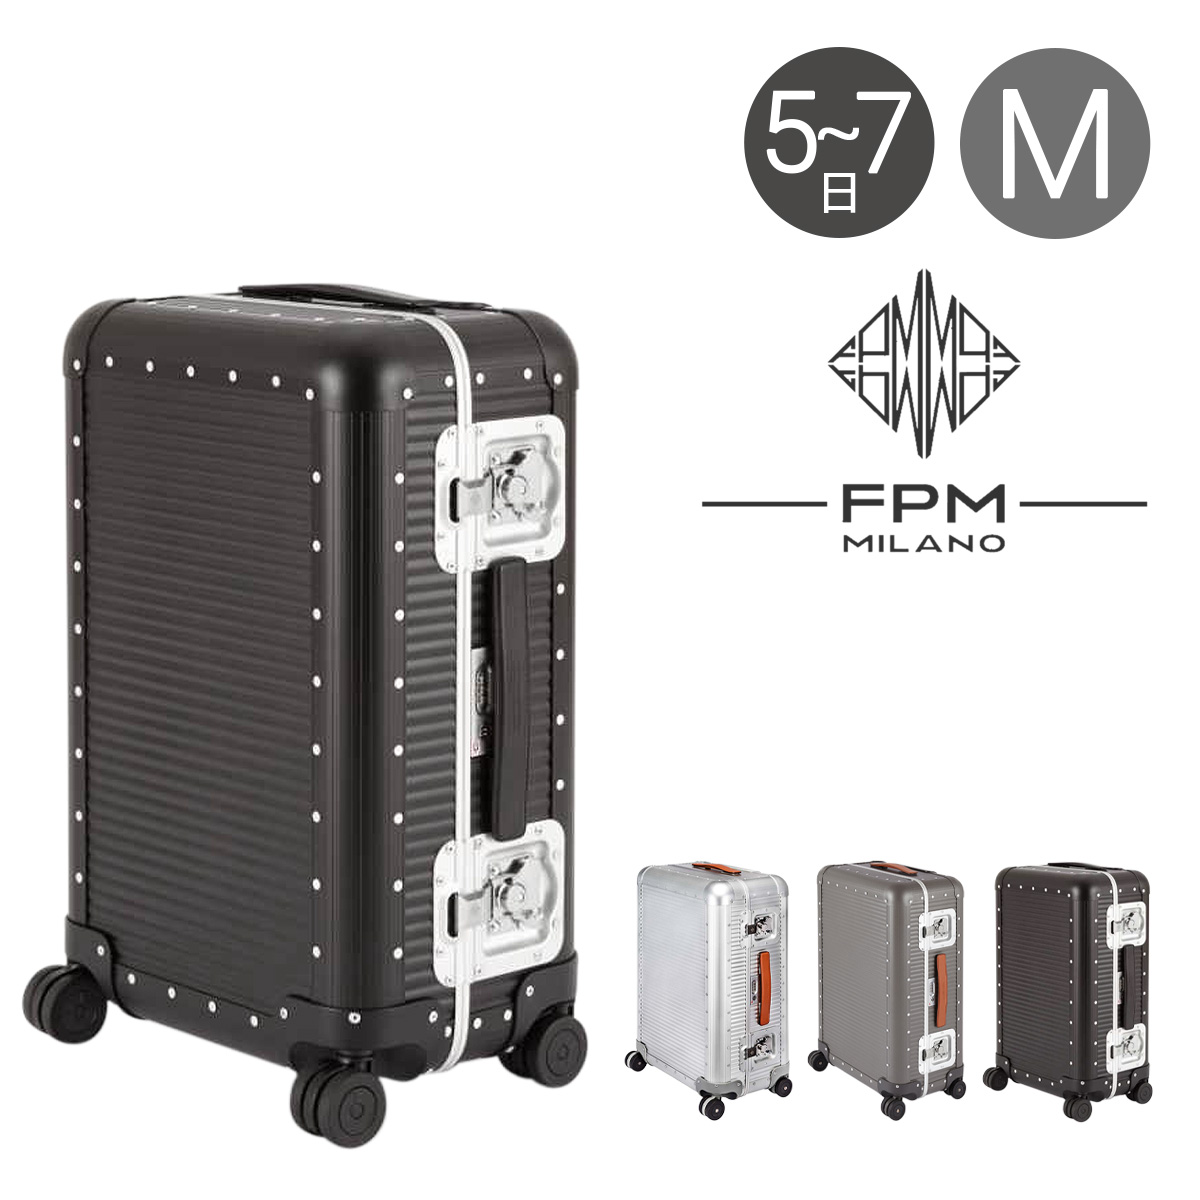 FPM MILANO スーツケース 68L 66cm 6.6kg バンク Spinner68 イタリア製 エフピーエム ミラノ BANK|ハード フレーム キャリーバッグ キャリーケース TSAロック搭載 アルミニウム